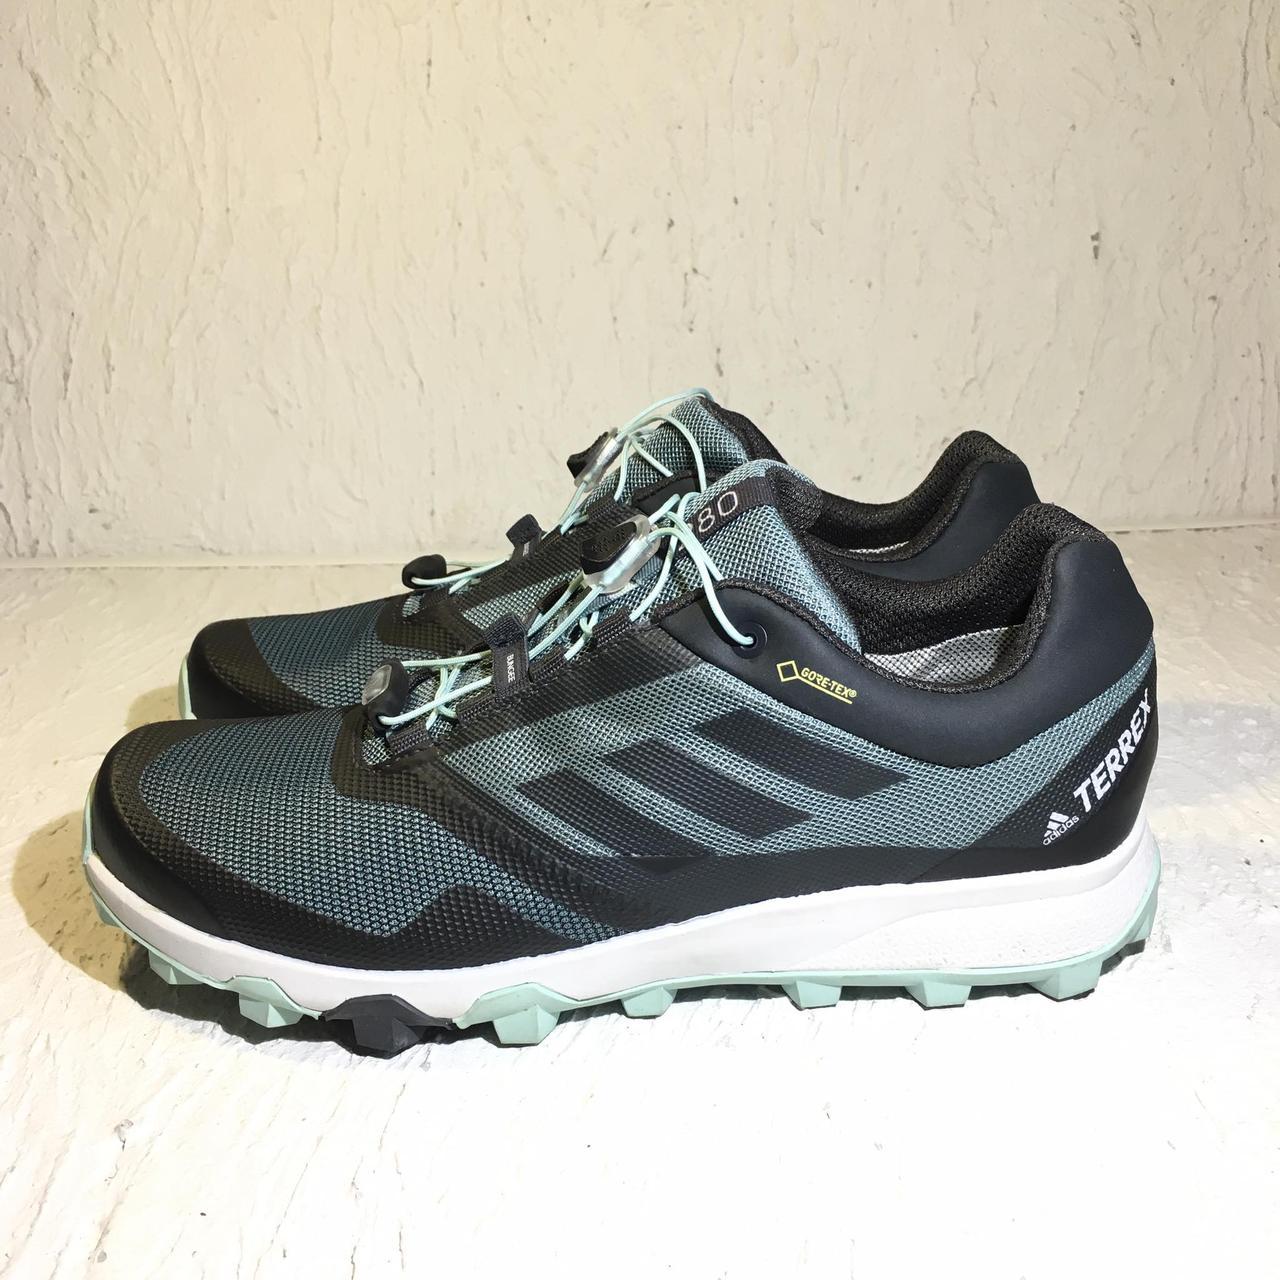 Кроссовки Adidas Terrex Trailmaker GTX AC7917 41.5, 40.5 размер